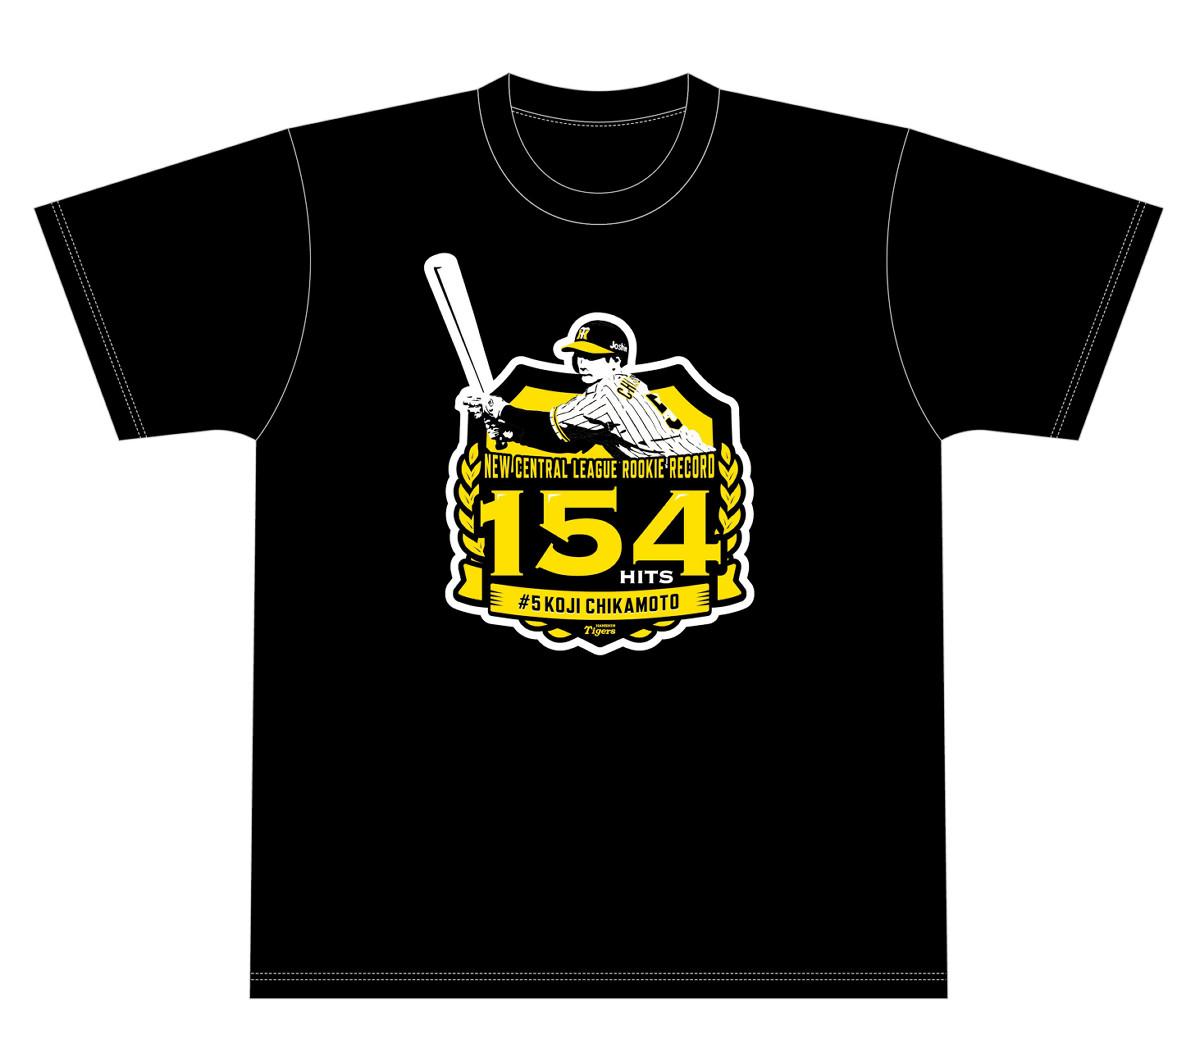 近本のセ・リーグ新人最多安打記念Tシャツ